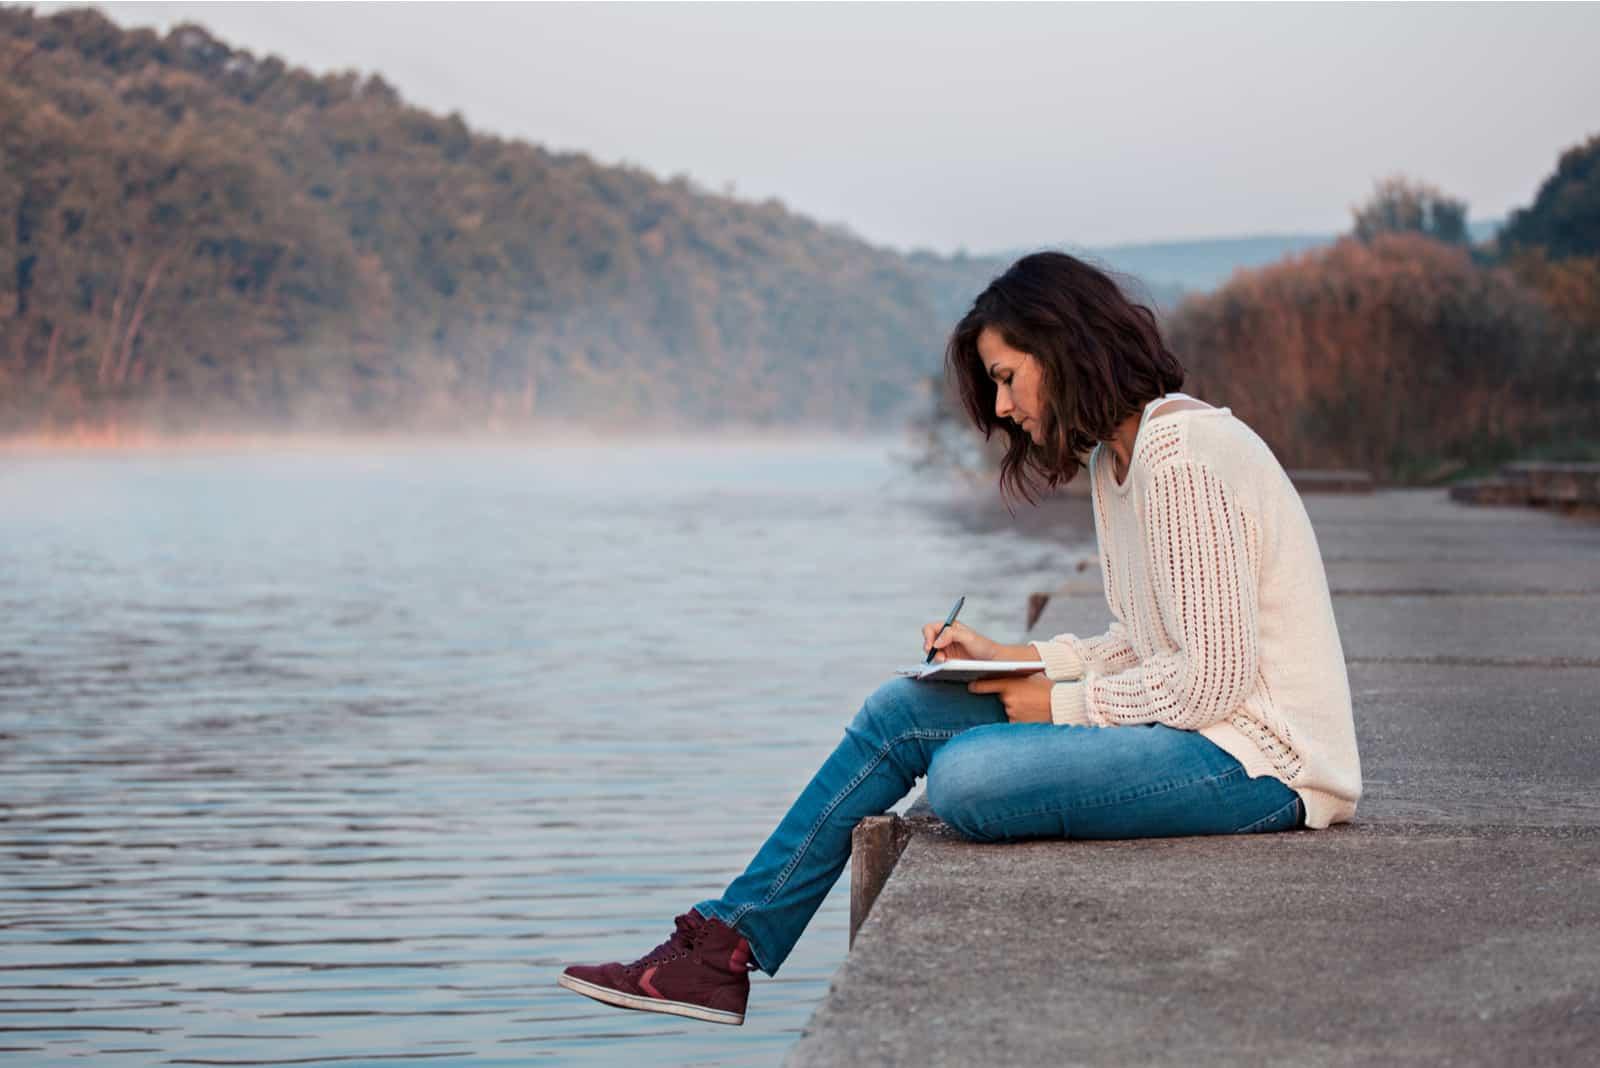 une femme est assise sur une jetée et écrit